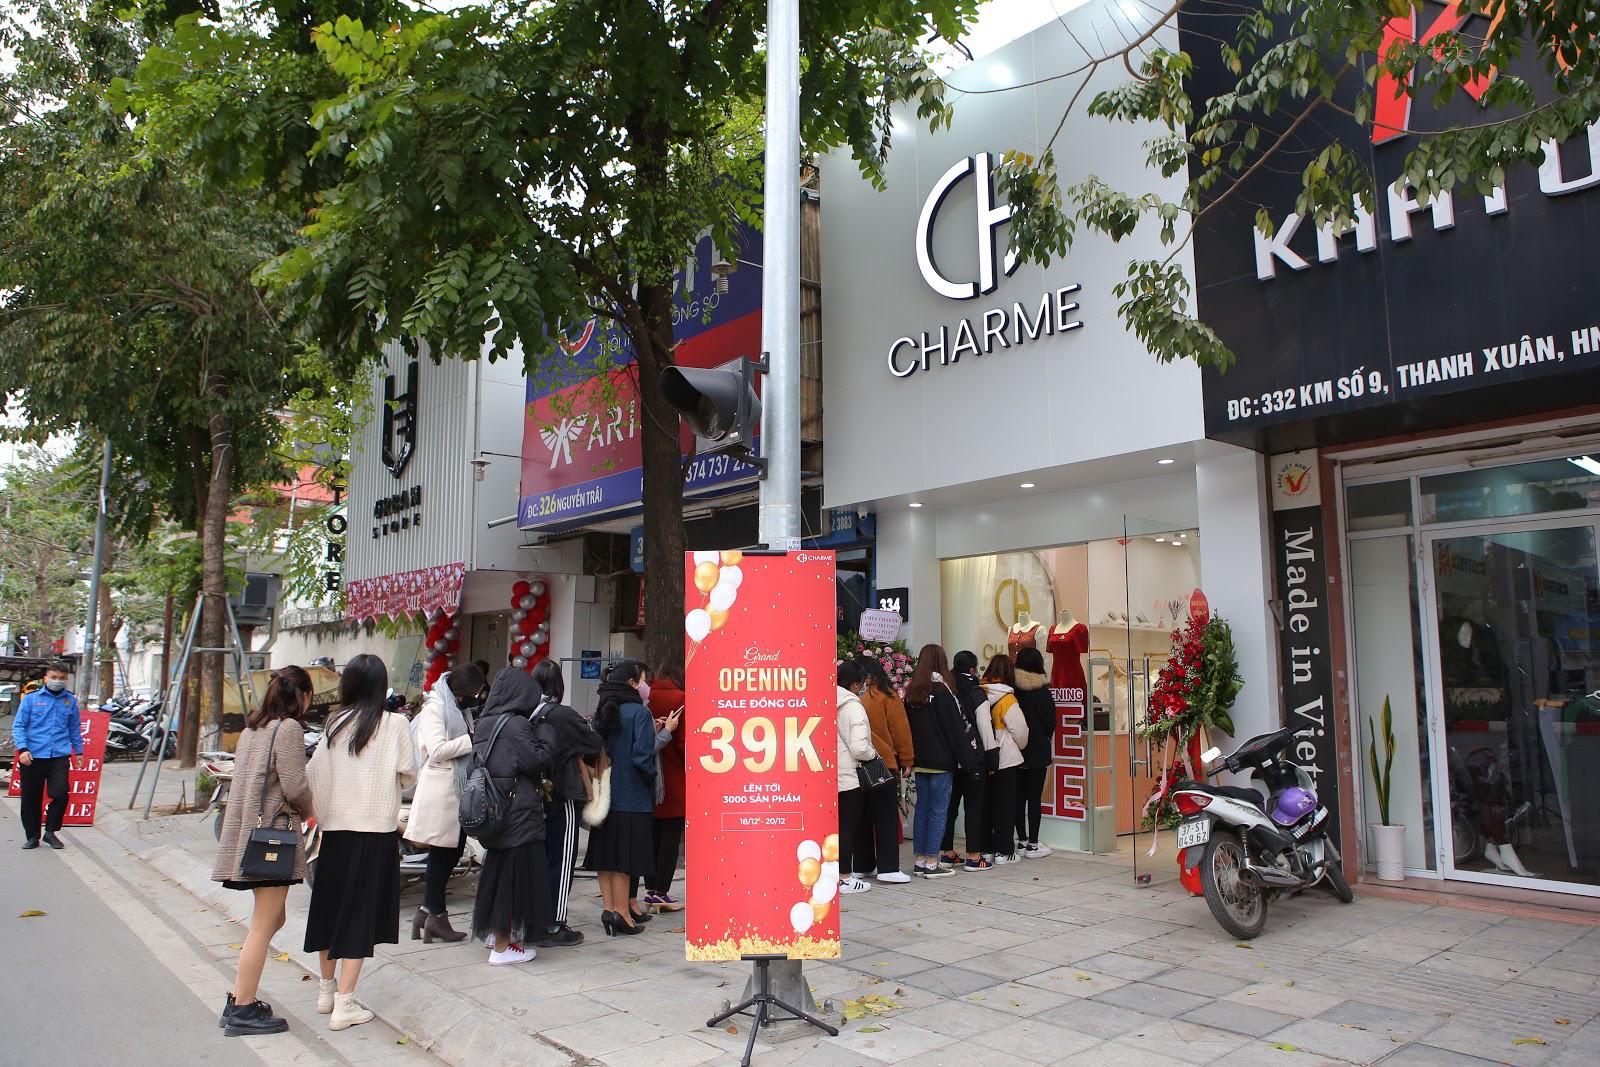 Charme Store - Thương hiệu váy công chúa làm điên đảo giới trẻ Hà thành - Ảnh 4.